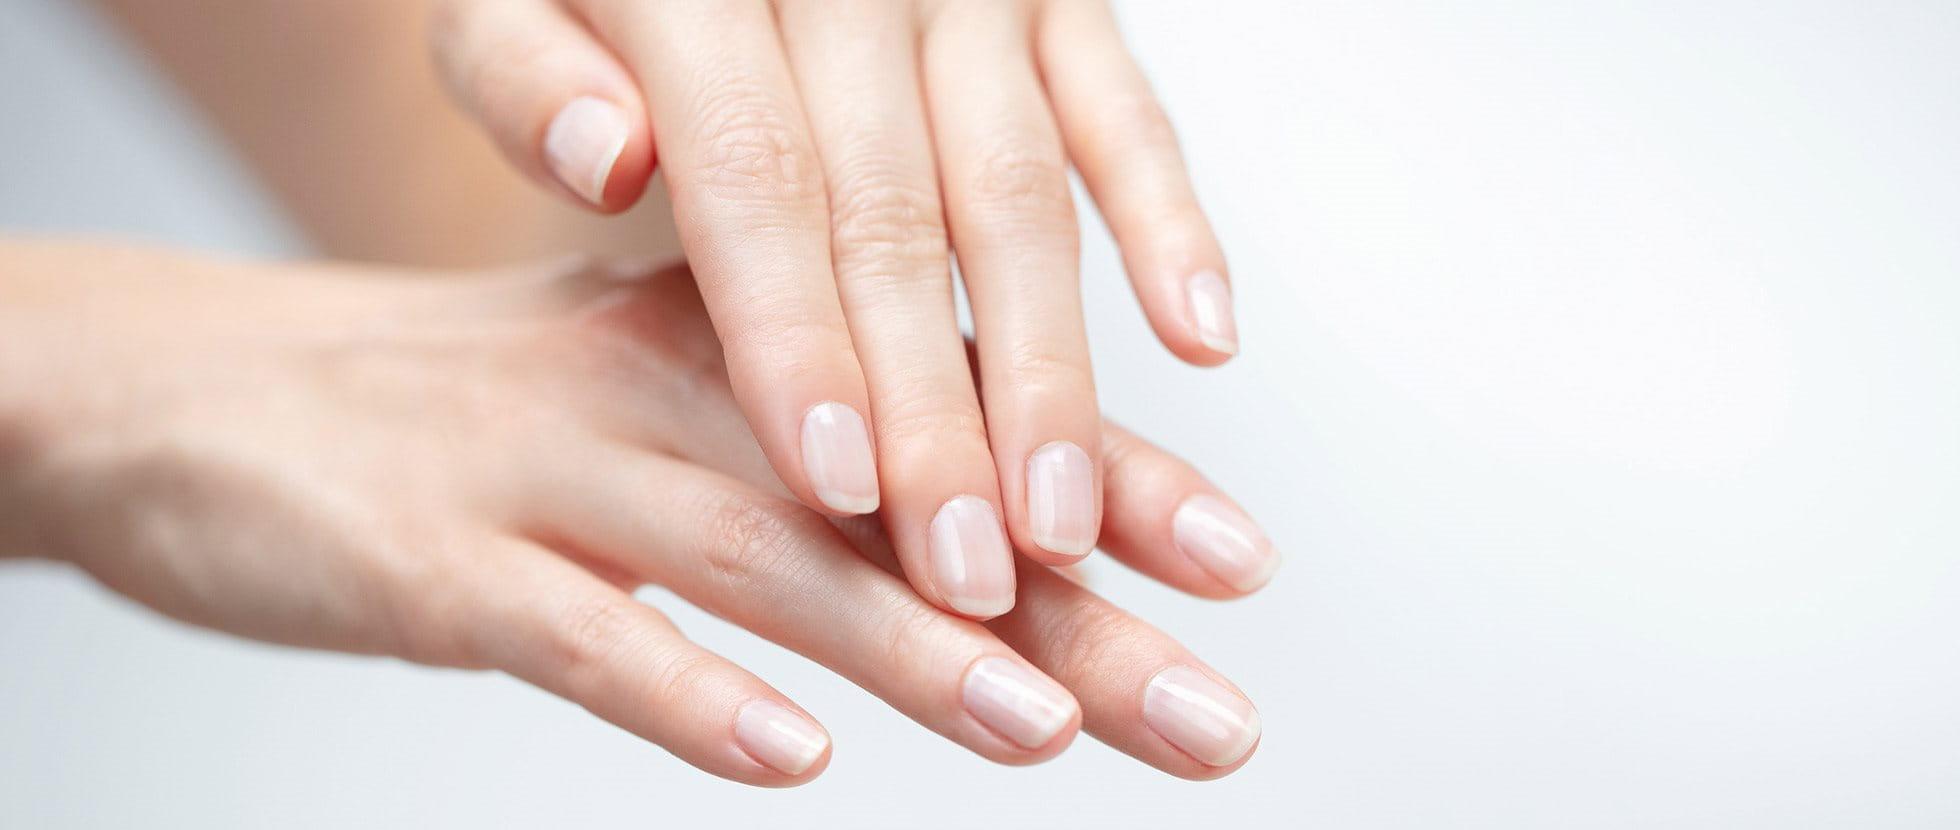 repedések a bőrön az ujjak között